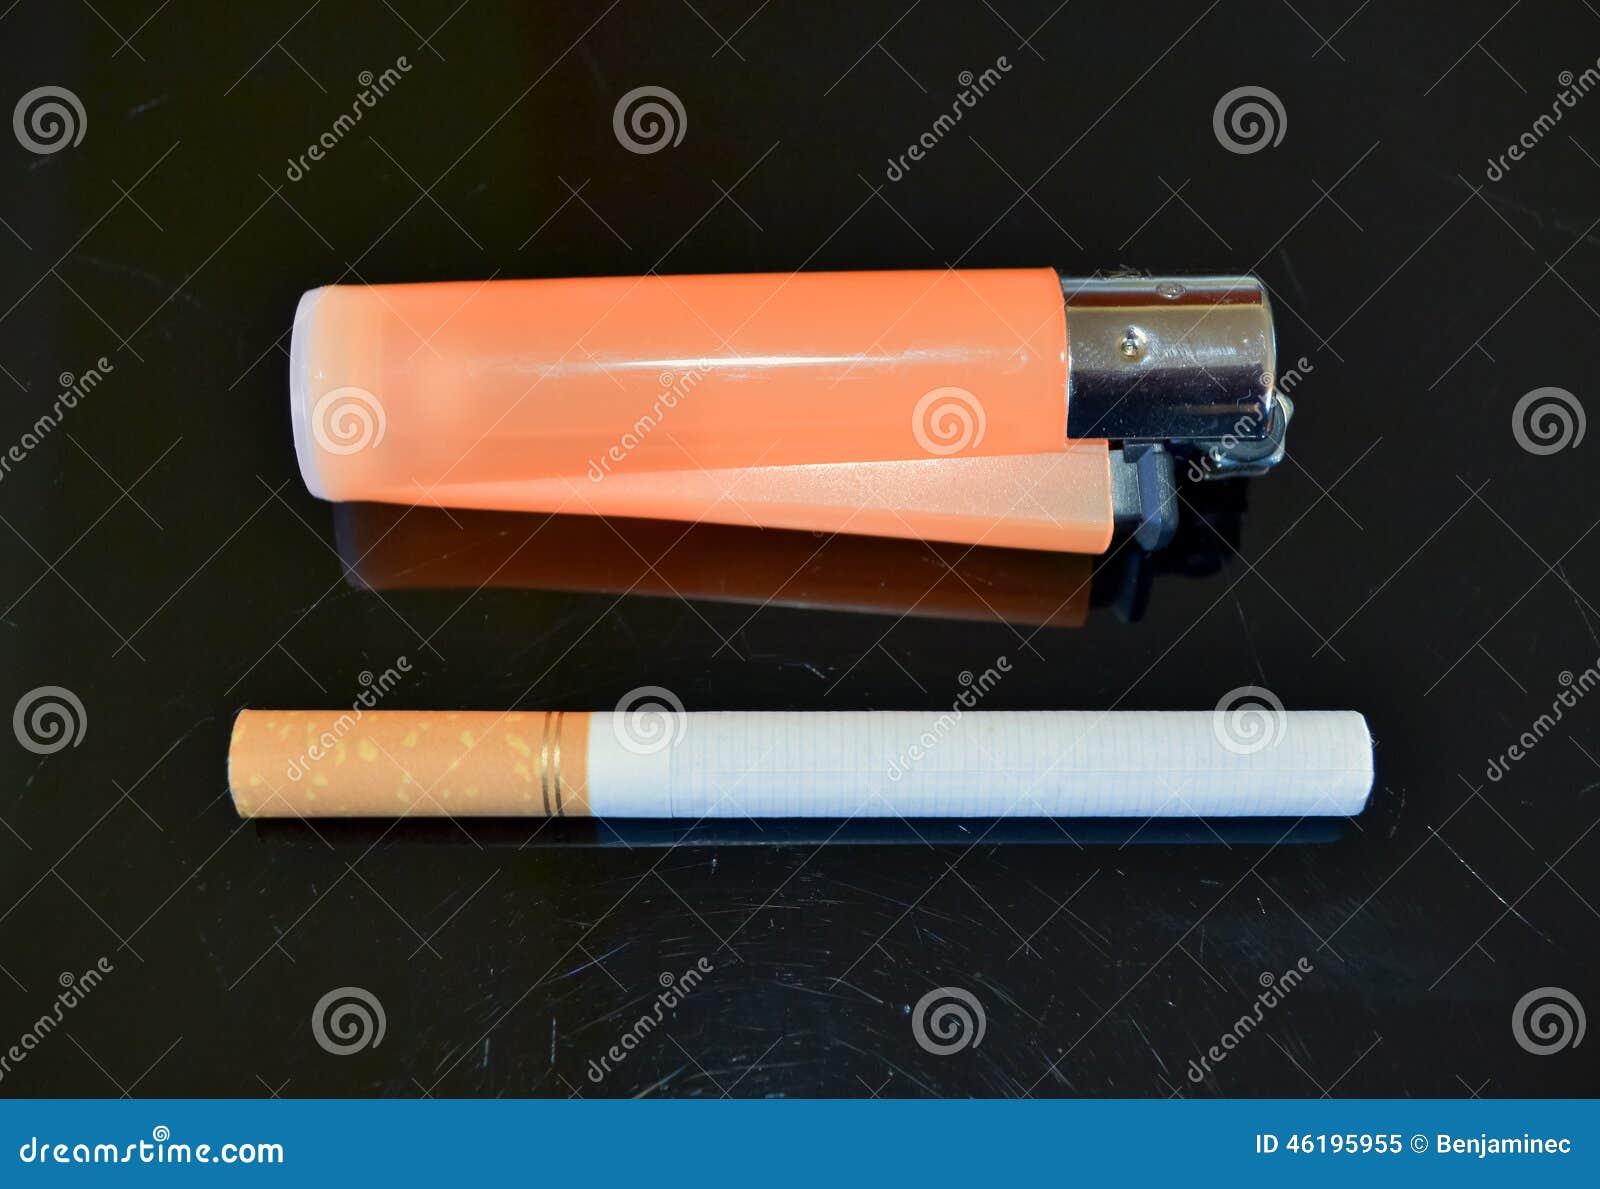 着打火机和烟的头像_香烟和打火机